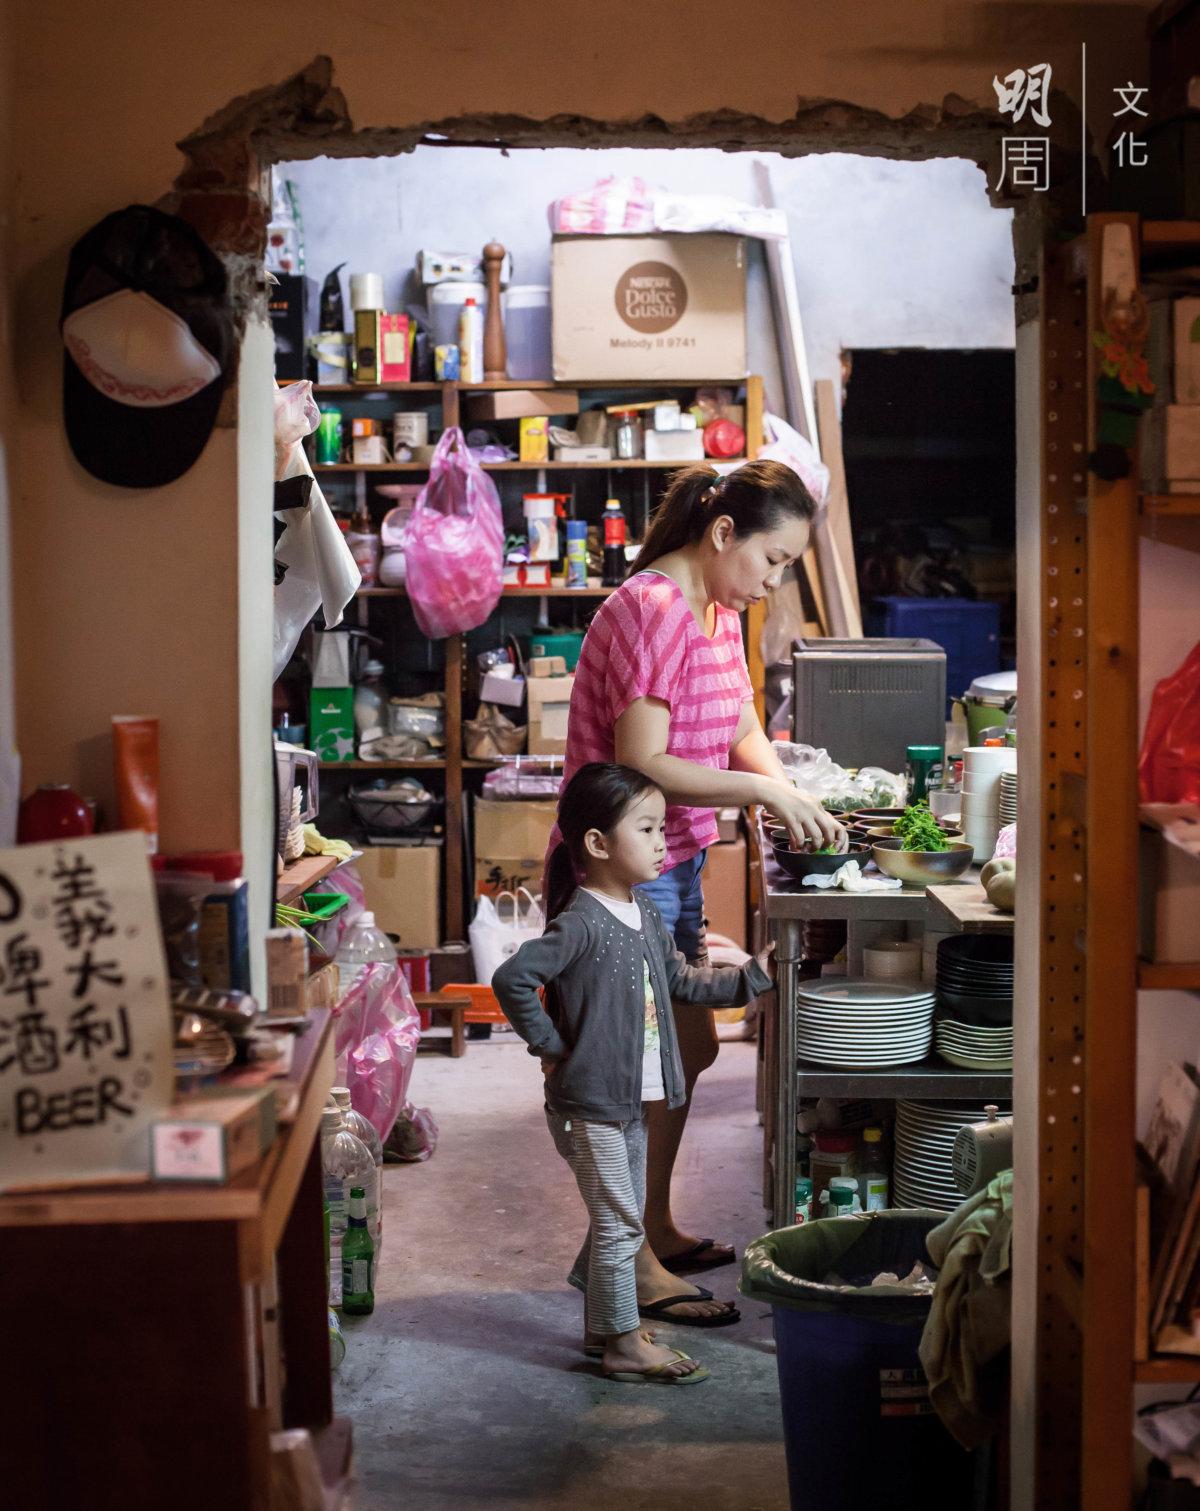 兩夫婦下廚時,女兒總在旁安靜看着,她日後對廚房準不會陌生。